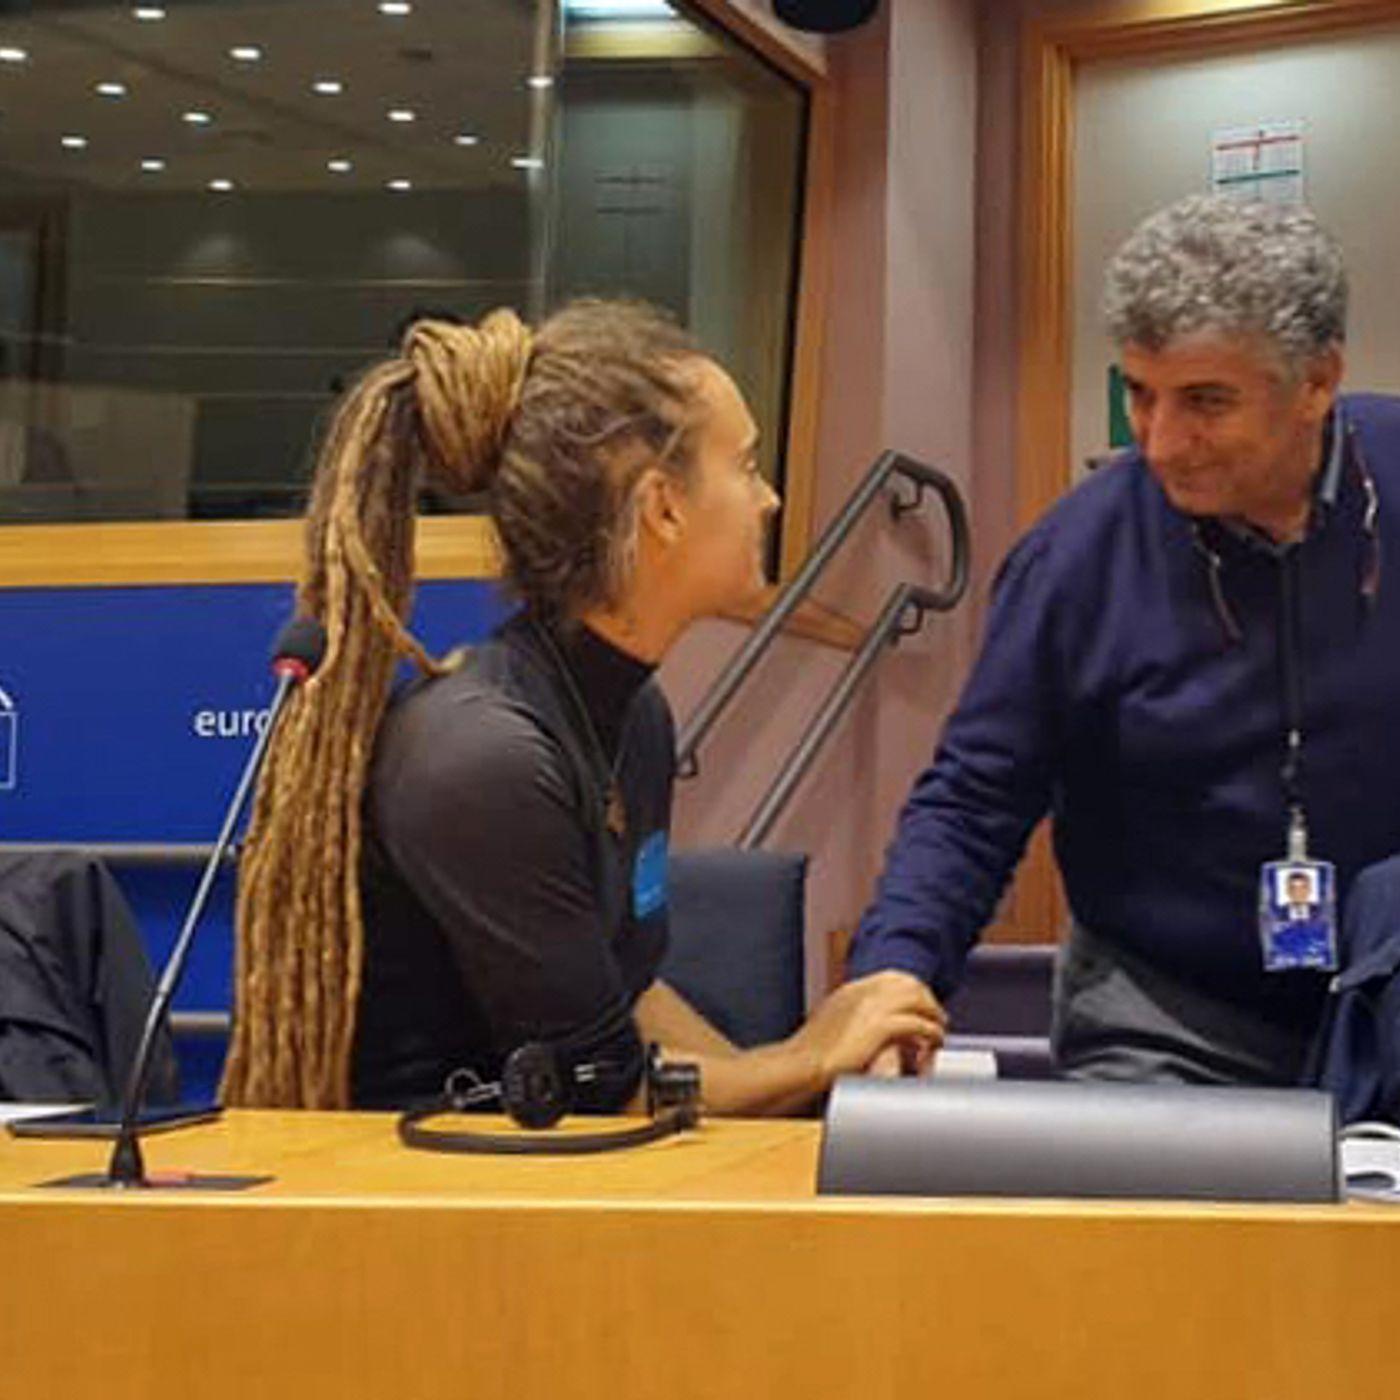 Carola Rackete, archiviata l'inchiesta a suo carico